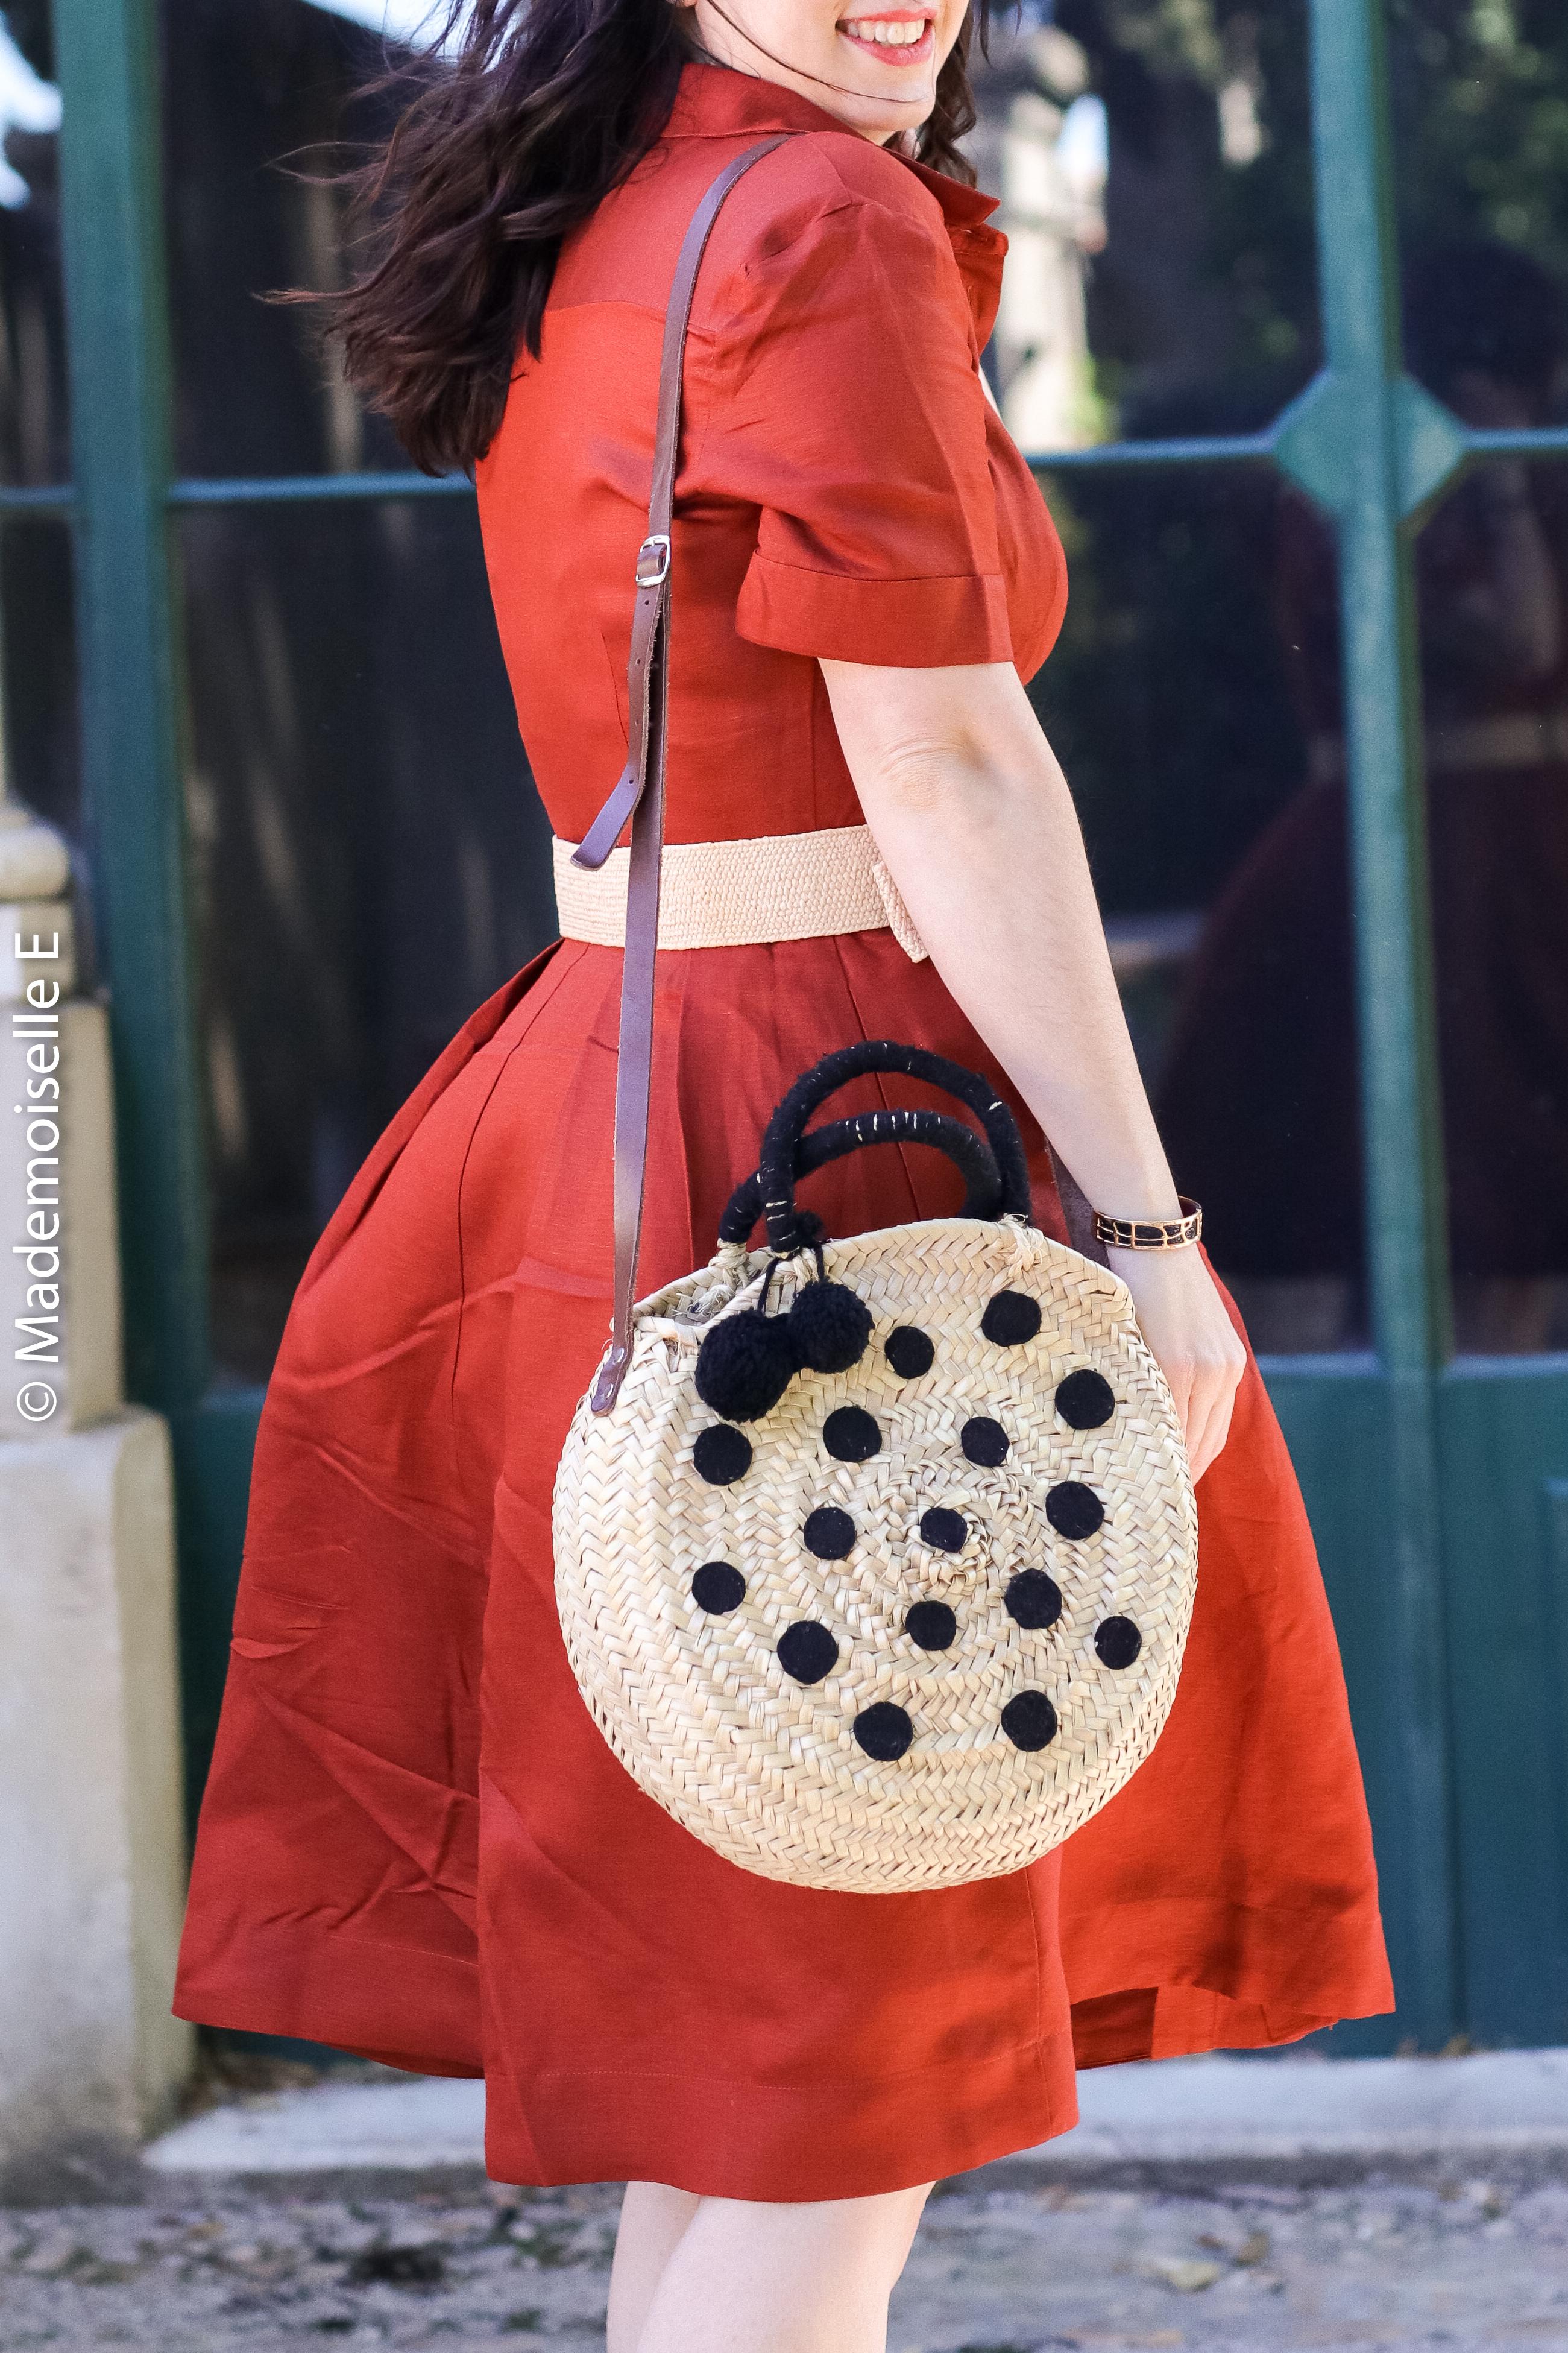 blog-mode-femme-robe-en-lin-13-mademoiselle-e